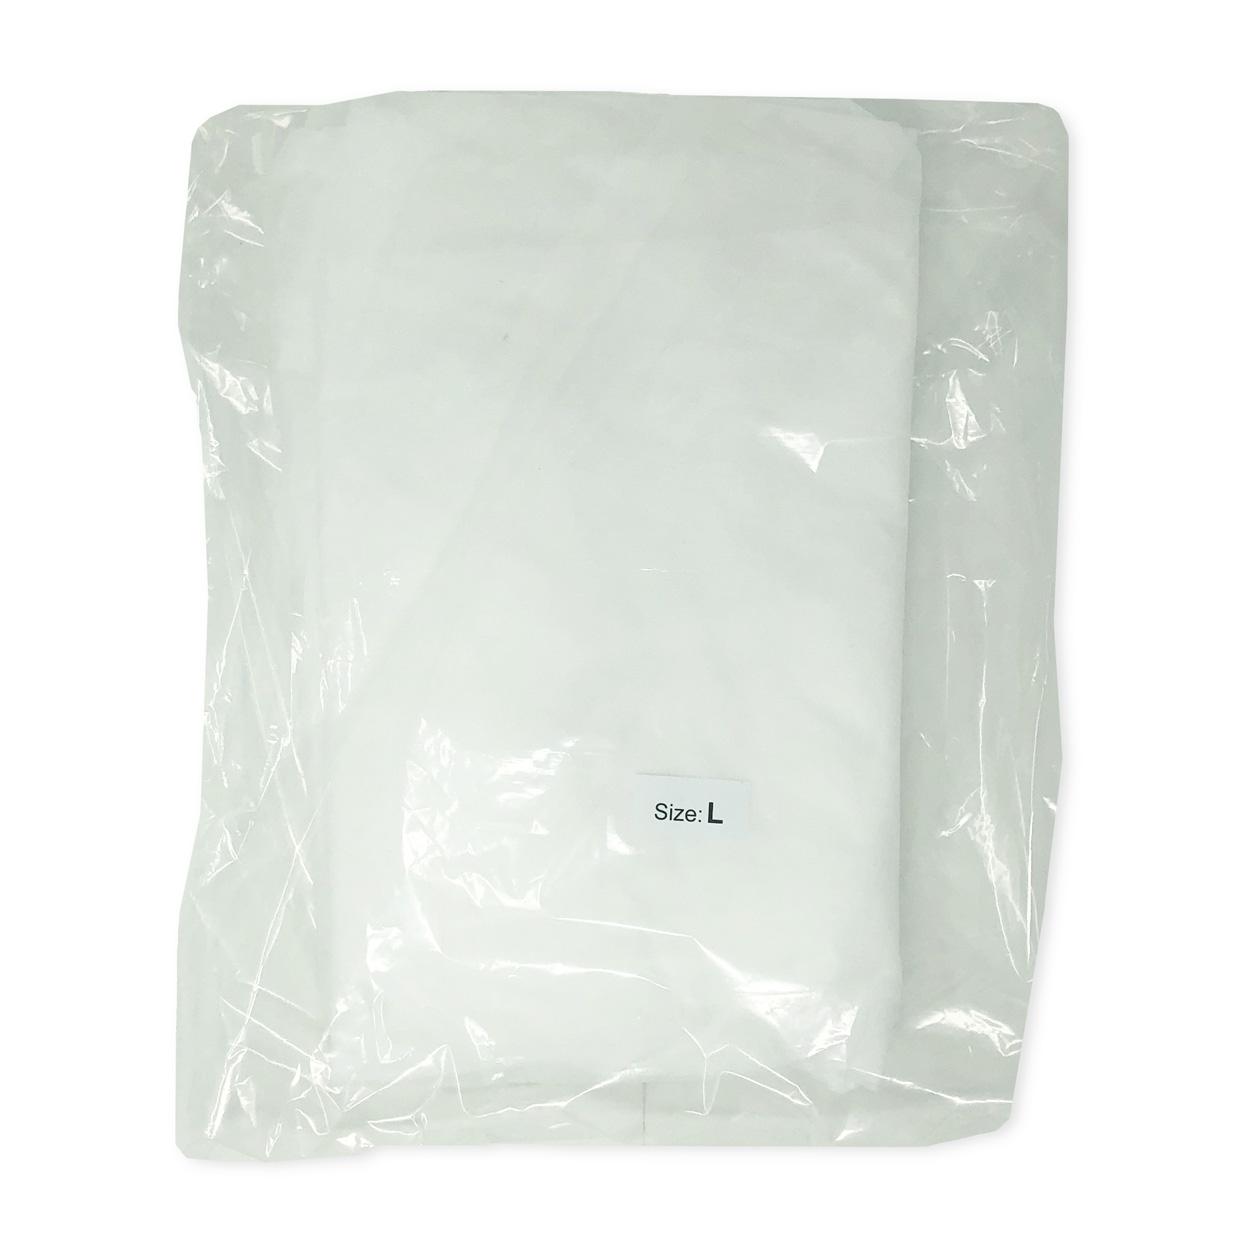 Schutzkittel Größe L in weiß